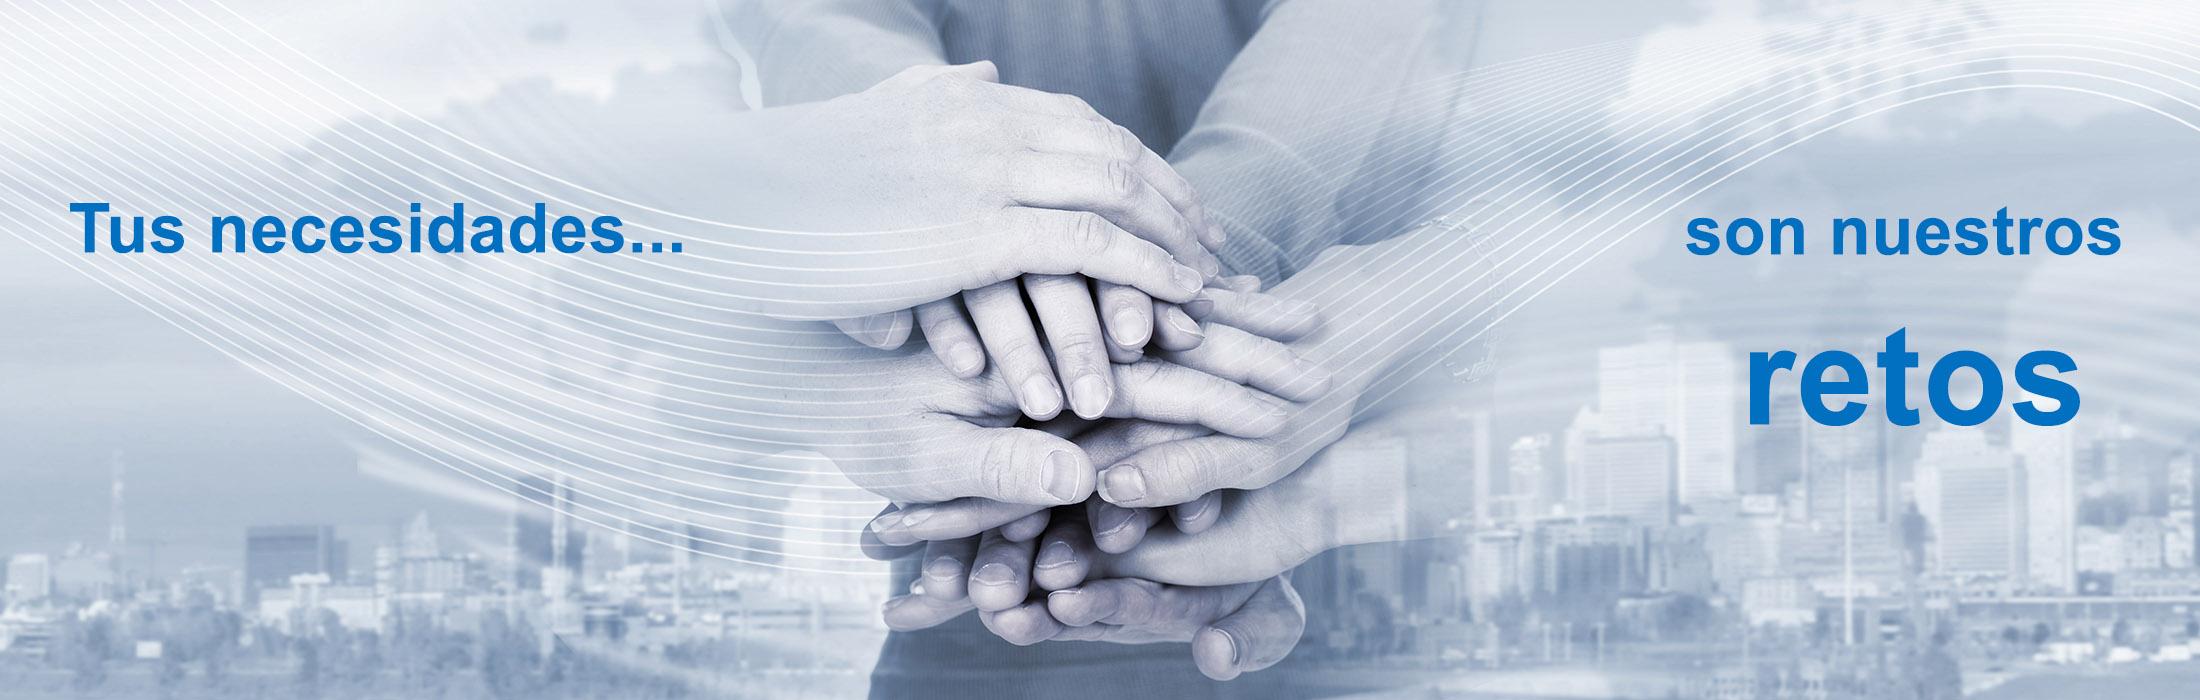 Las necesidades de los clientes son los retos de Sanchis Asesores